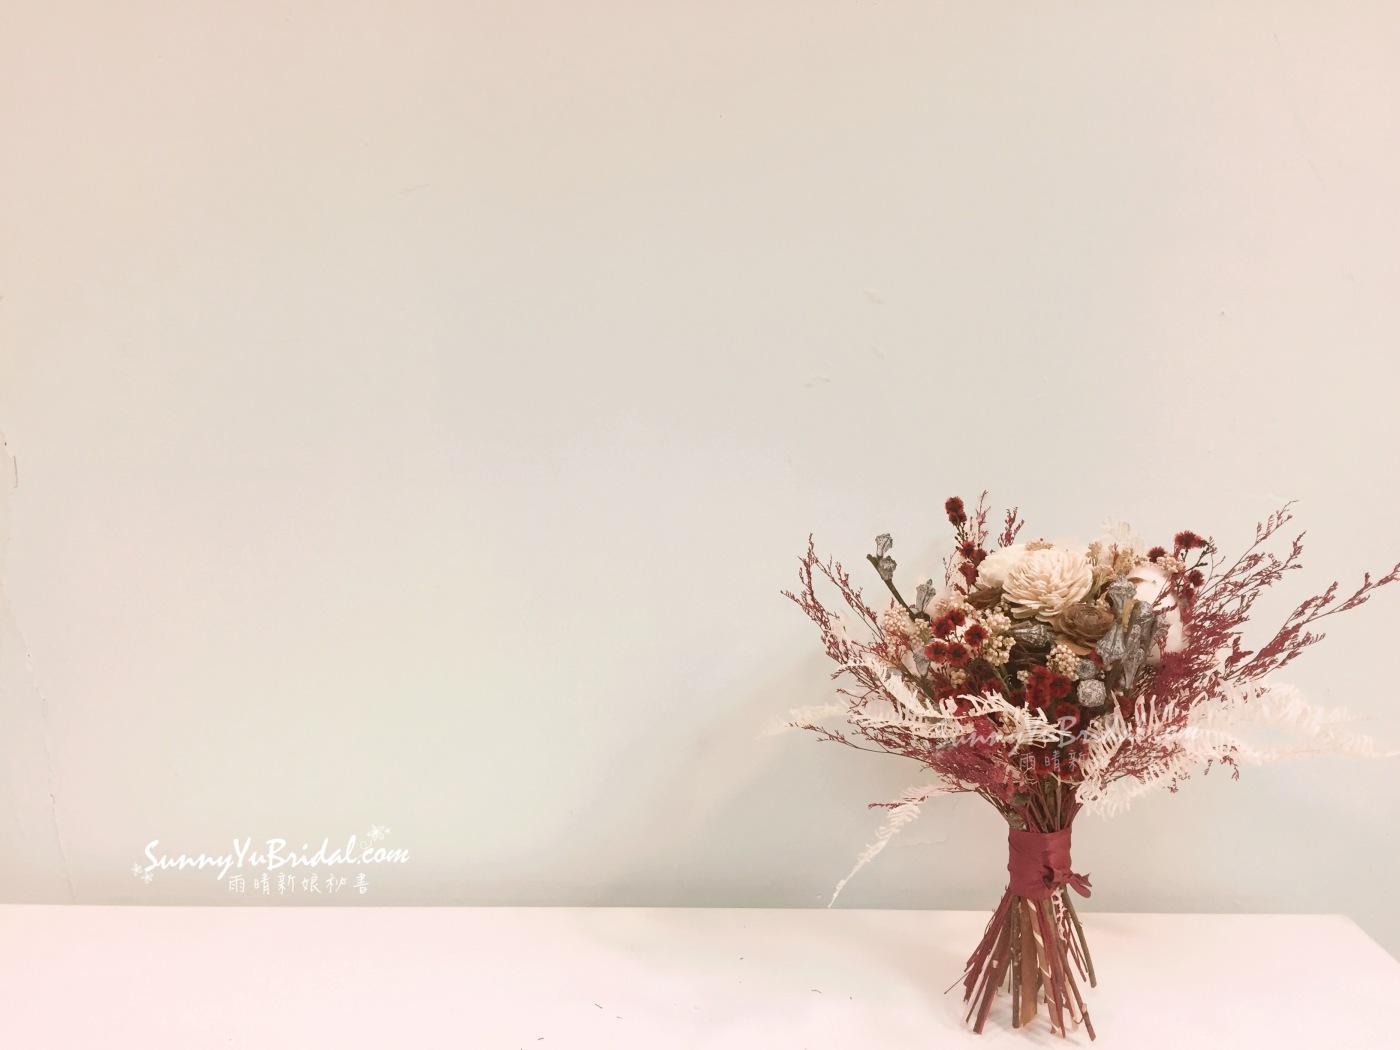 乾燥捧花|新娘捧花|台北新娘秘書|紅色捧花|紅白色乾燥捧花|求婚捧花|客製捧花